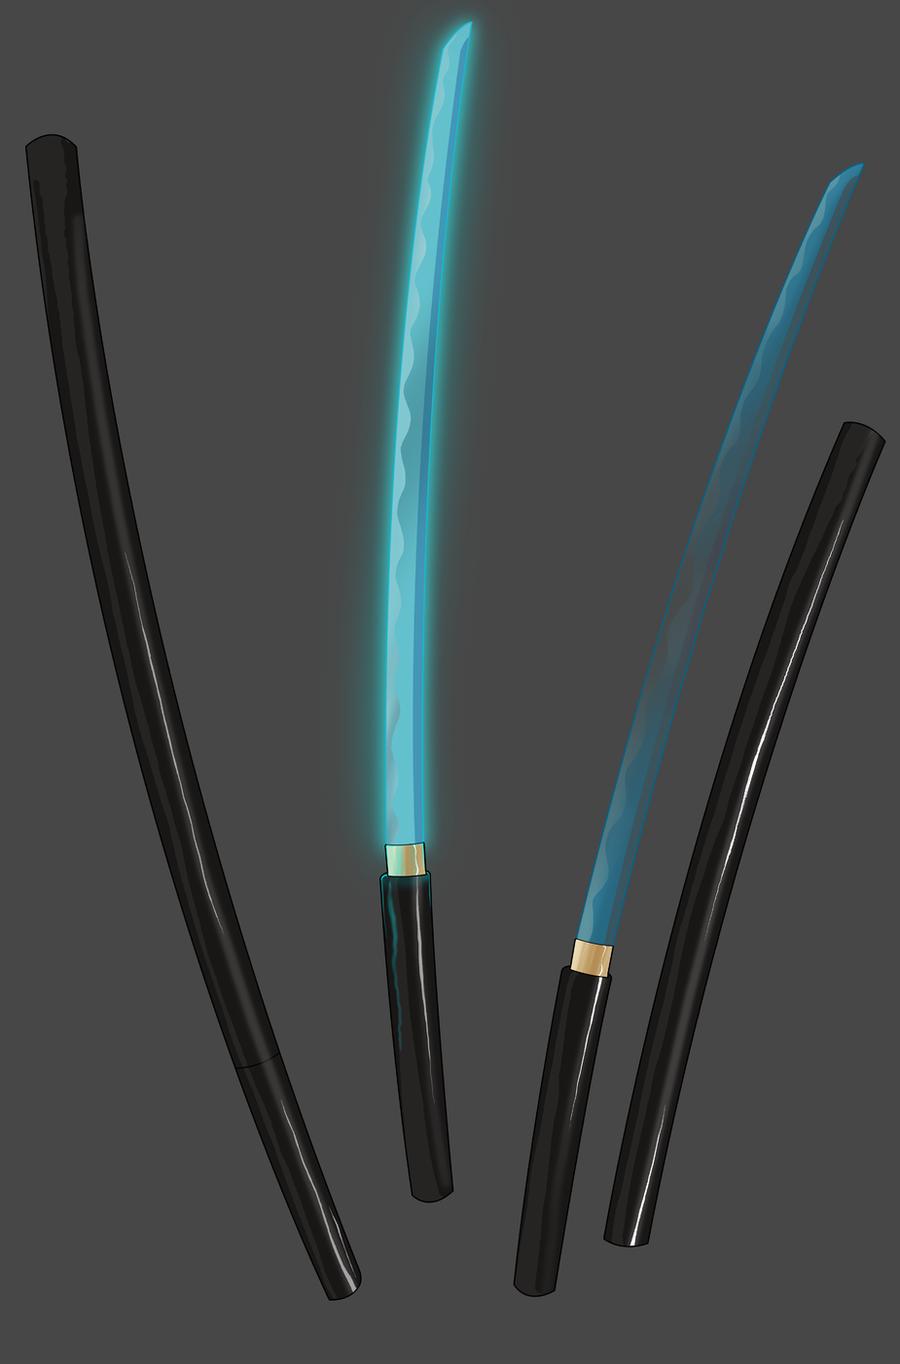 aquas sword diagram by ambientblue on deviantart